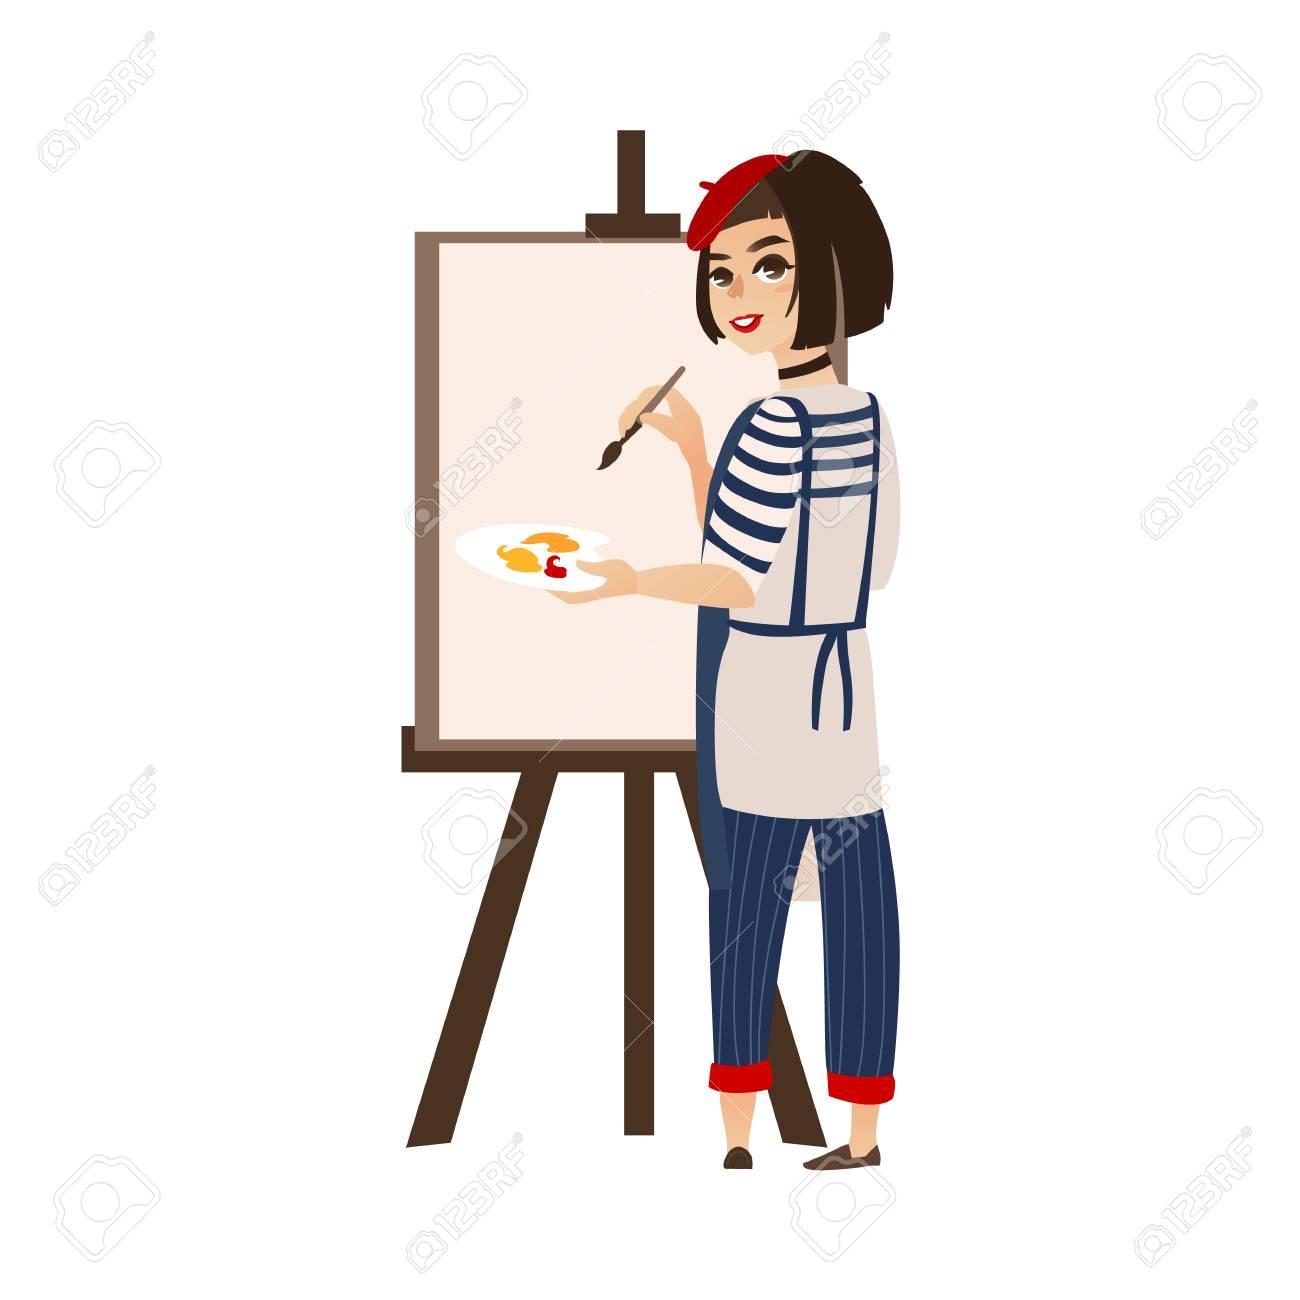 dc7bb7e5330 Vector flat cartoon woman artist painter wearing beret drawing jpg  1300x1300 French artist hat cartoon